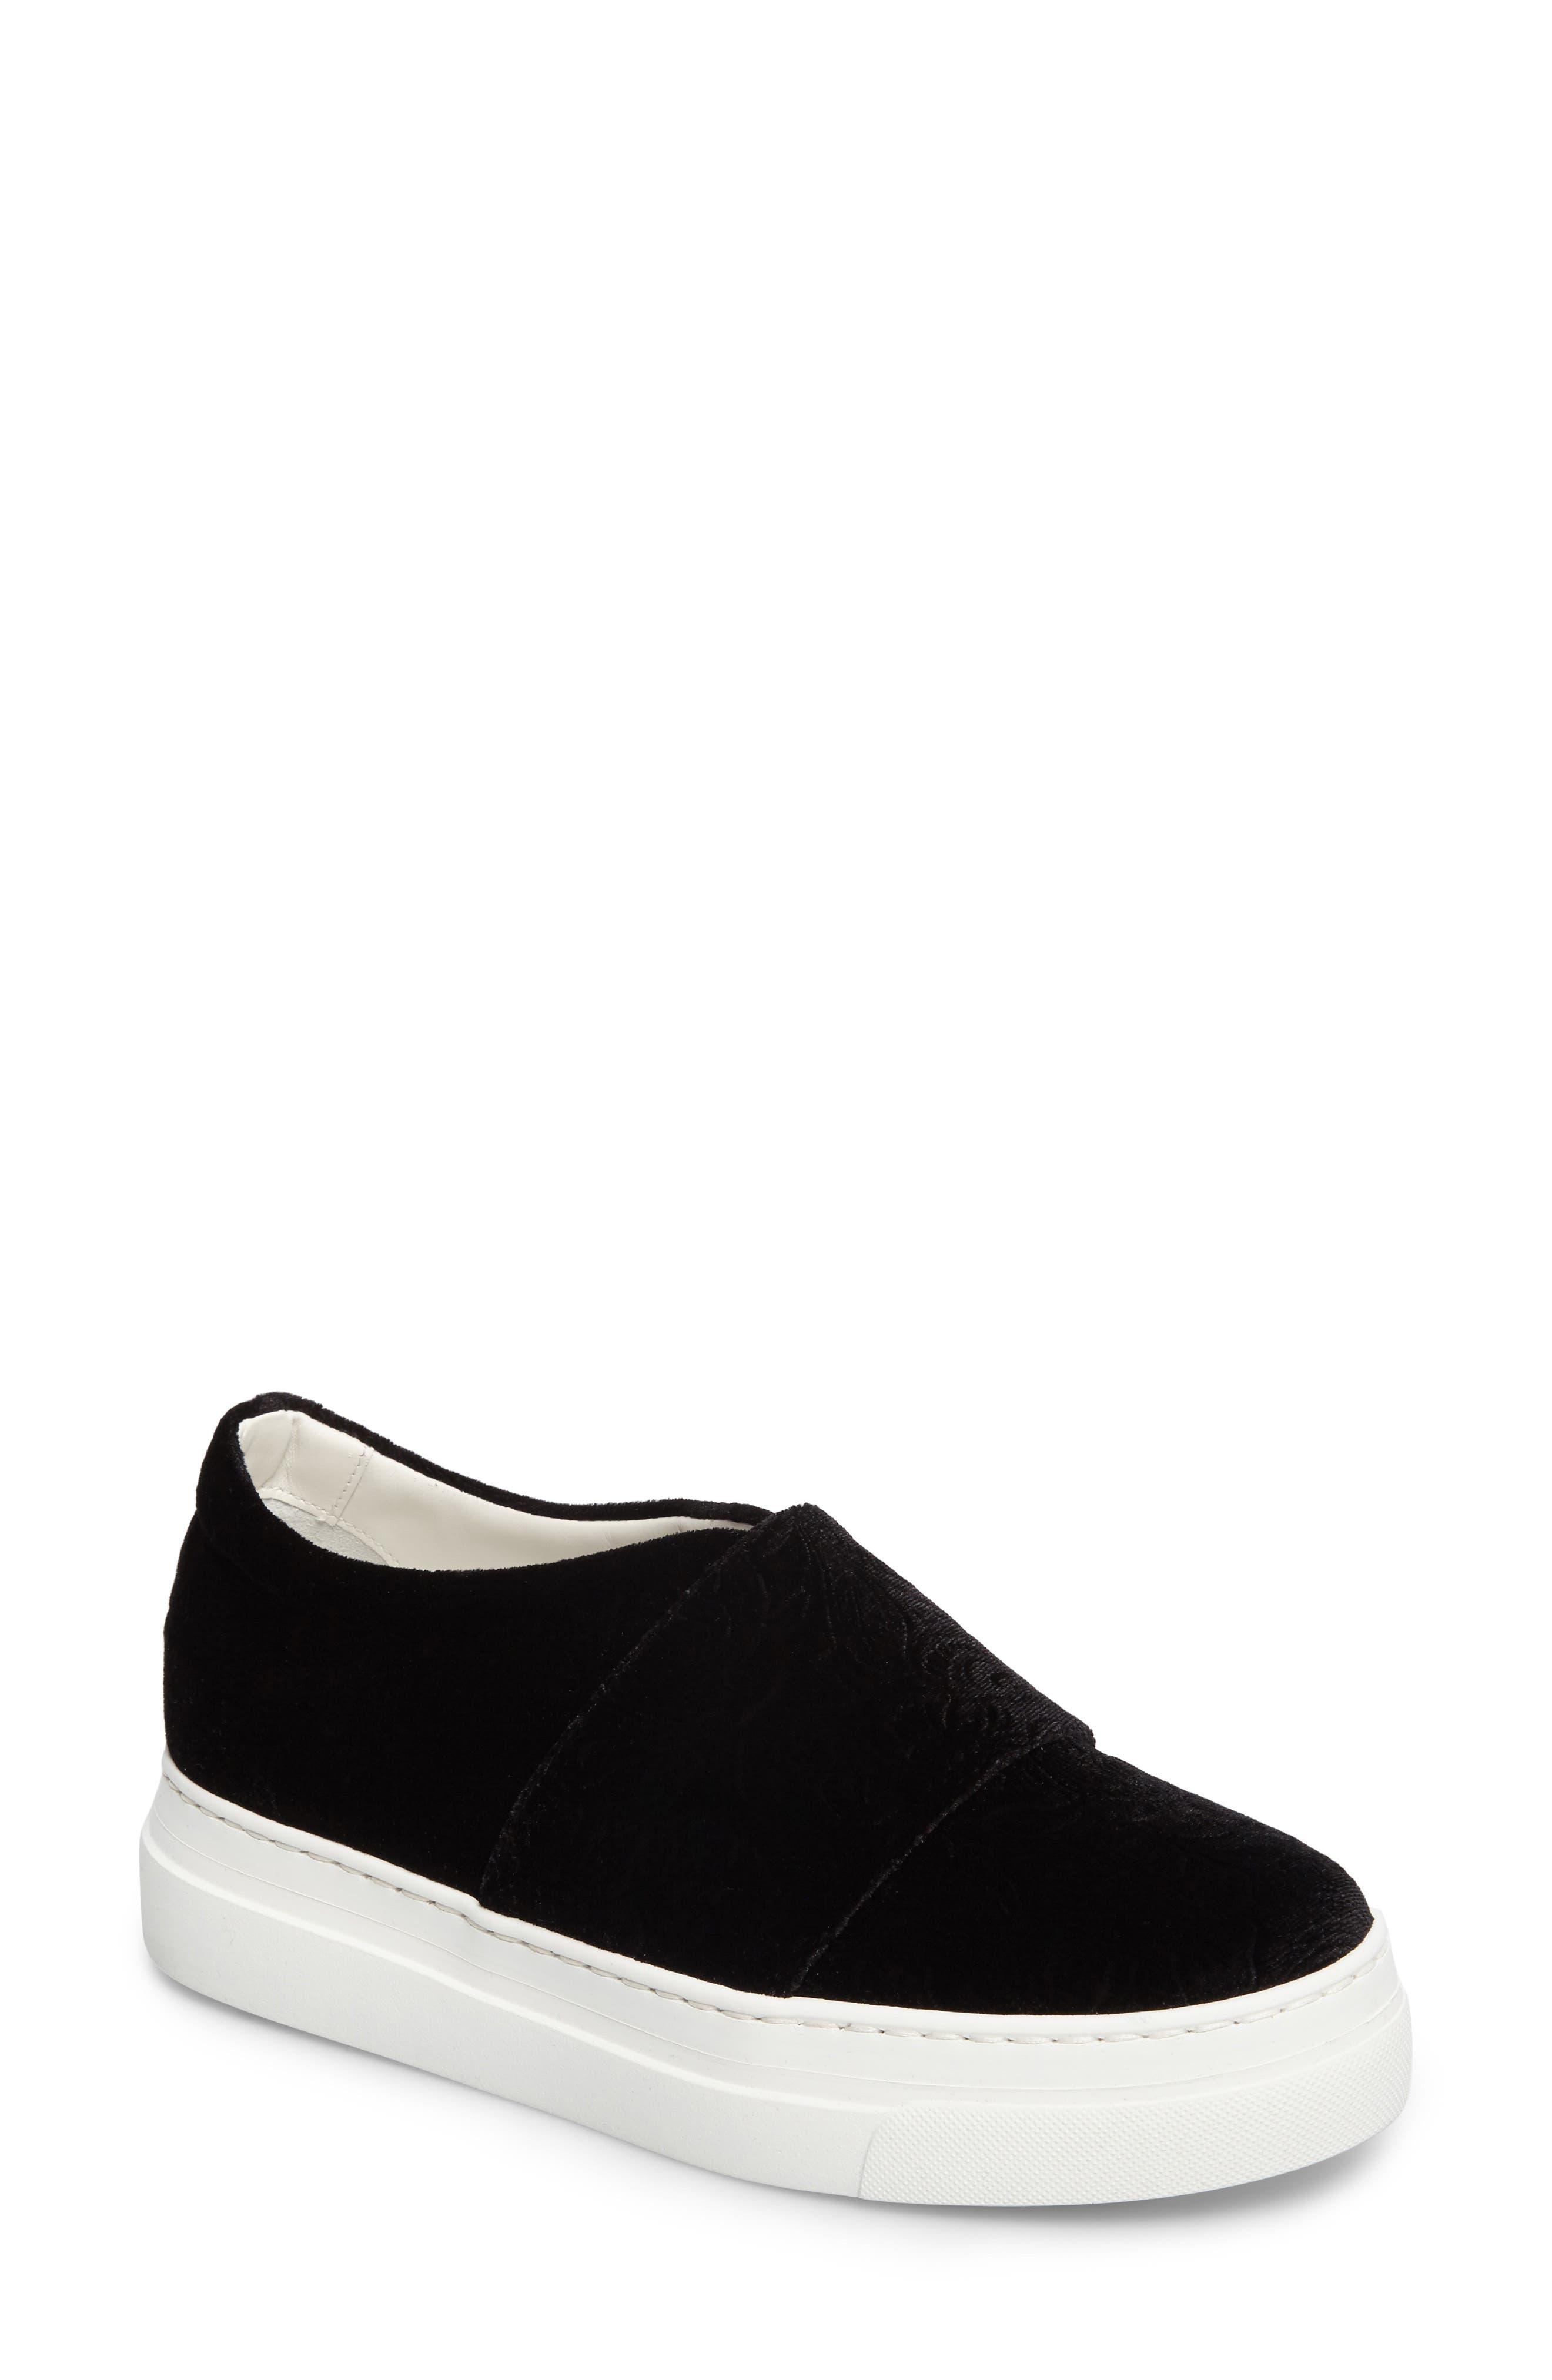 Arlo Slip-On Platform Sneaker,                         Main,                         color, Black Embossed Velvet